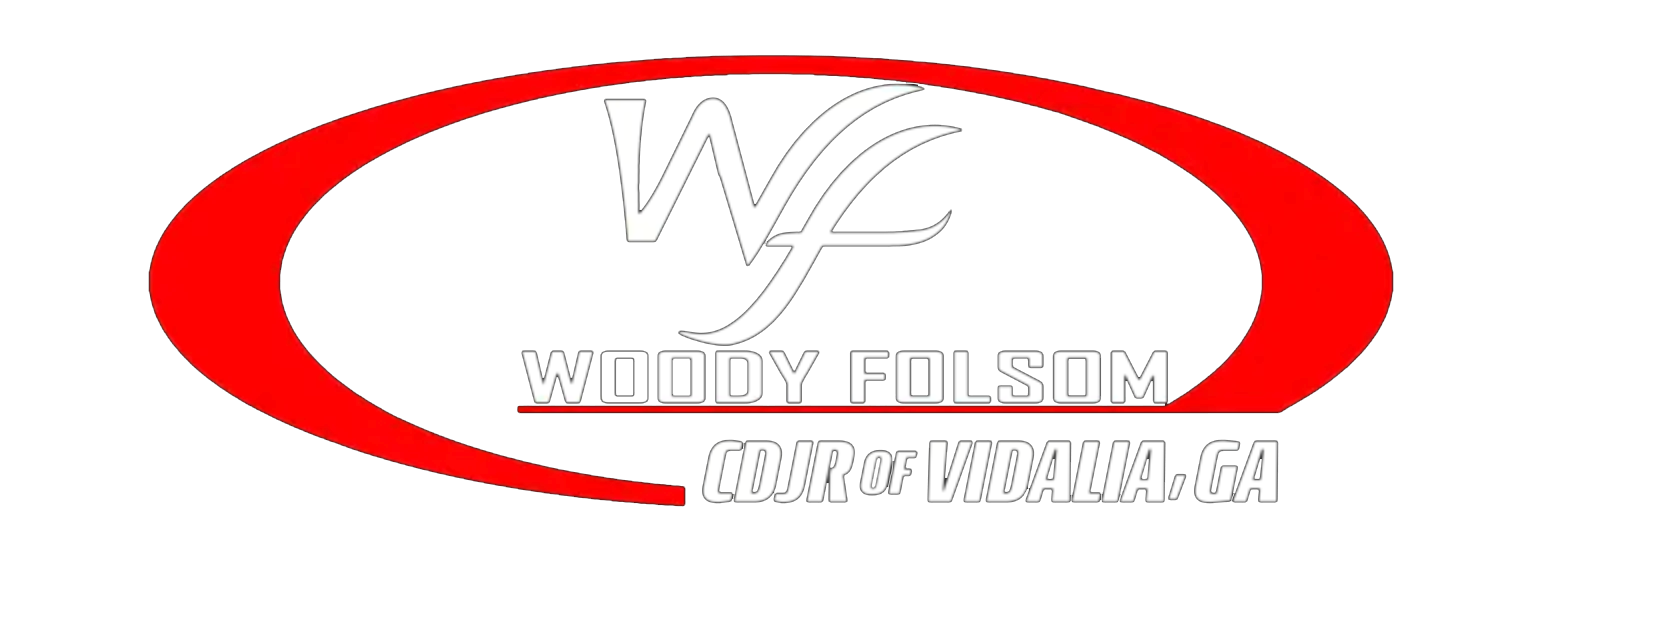 Woody Folsom Ford Baxley Ga >> Woody Folsom Auto Group Car Dealerships Serving Baxley Ga